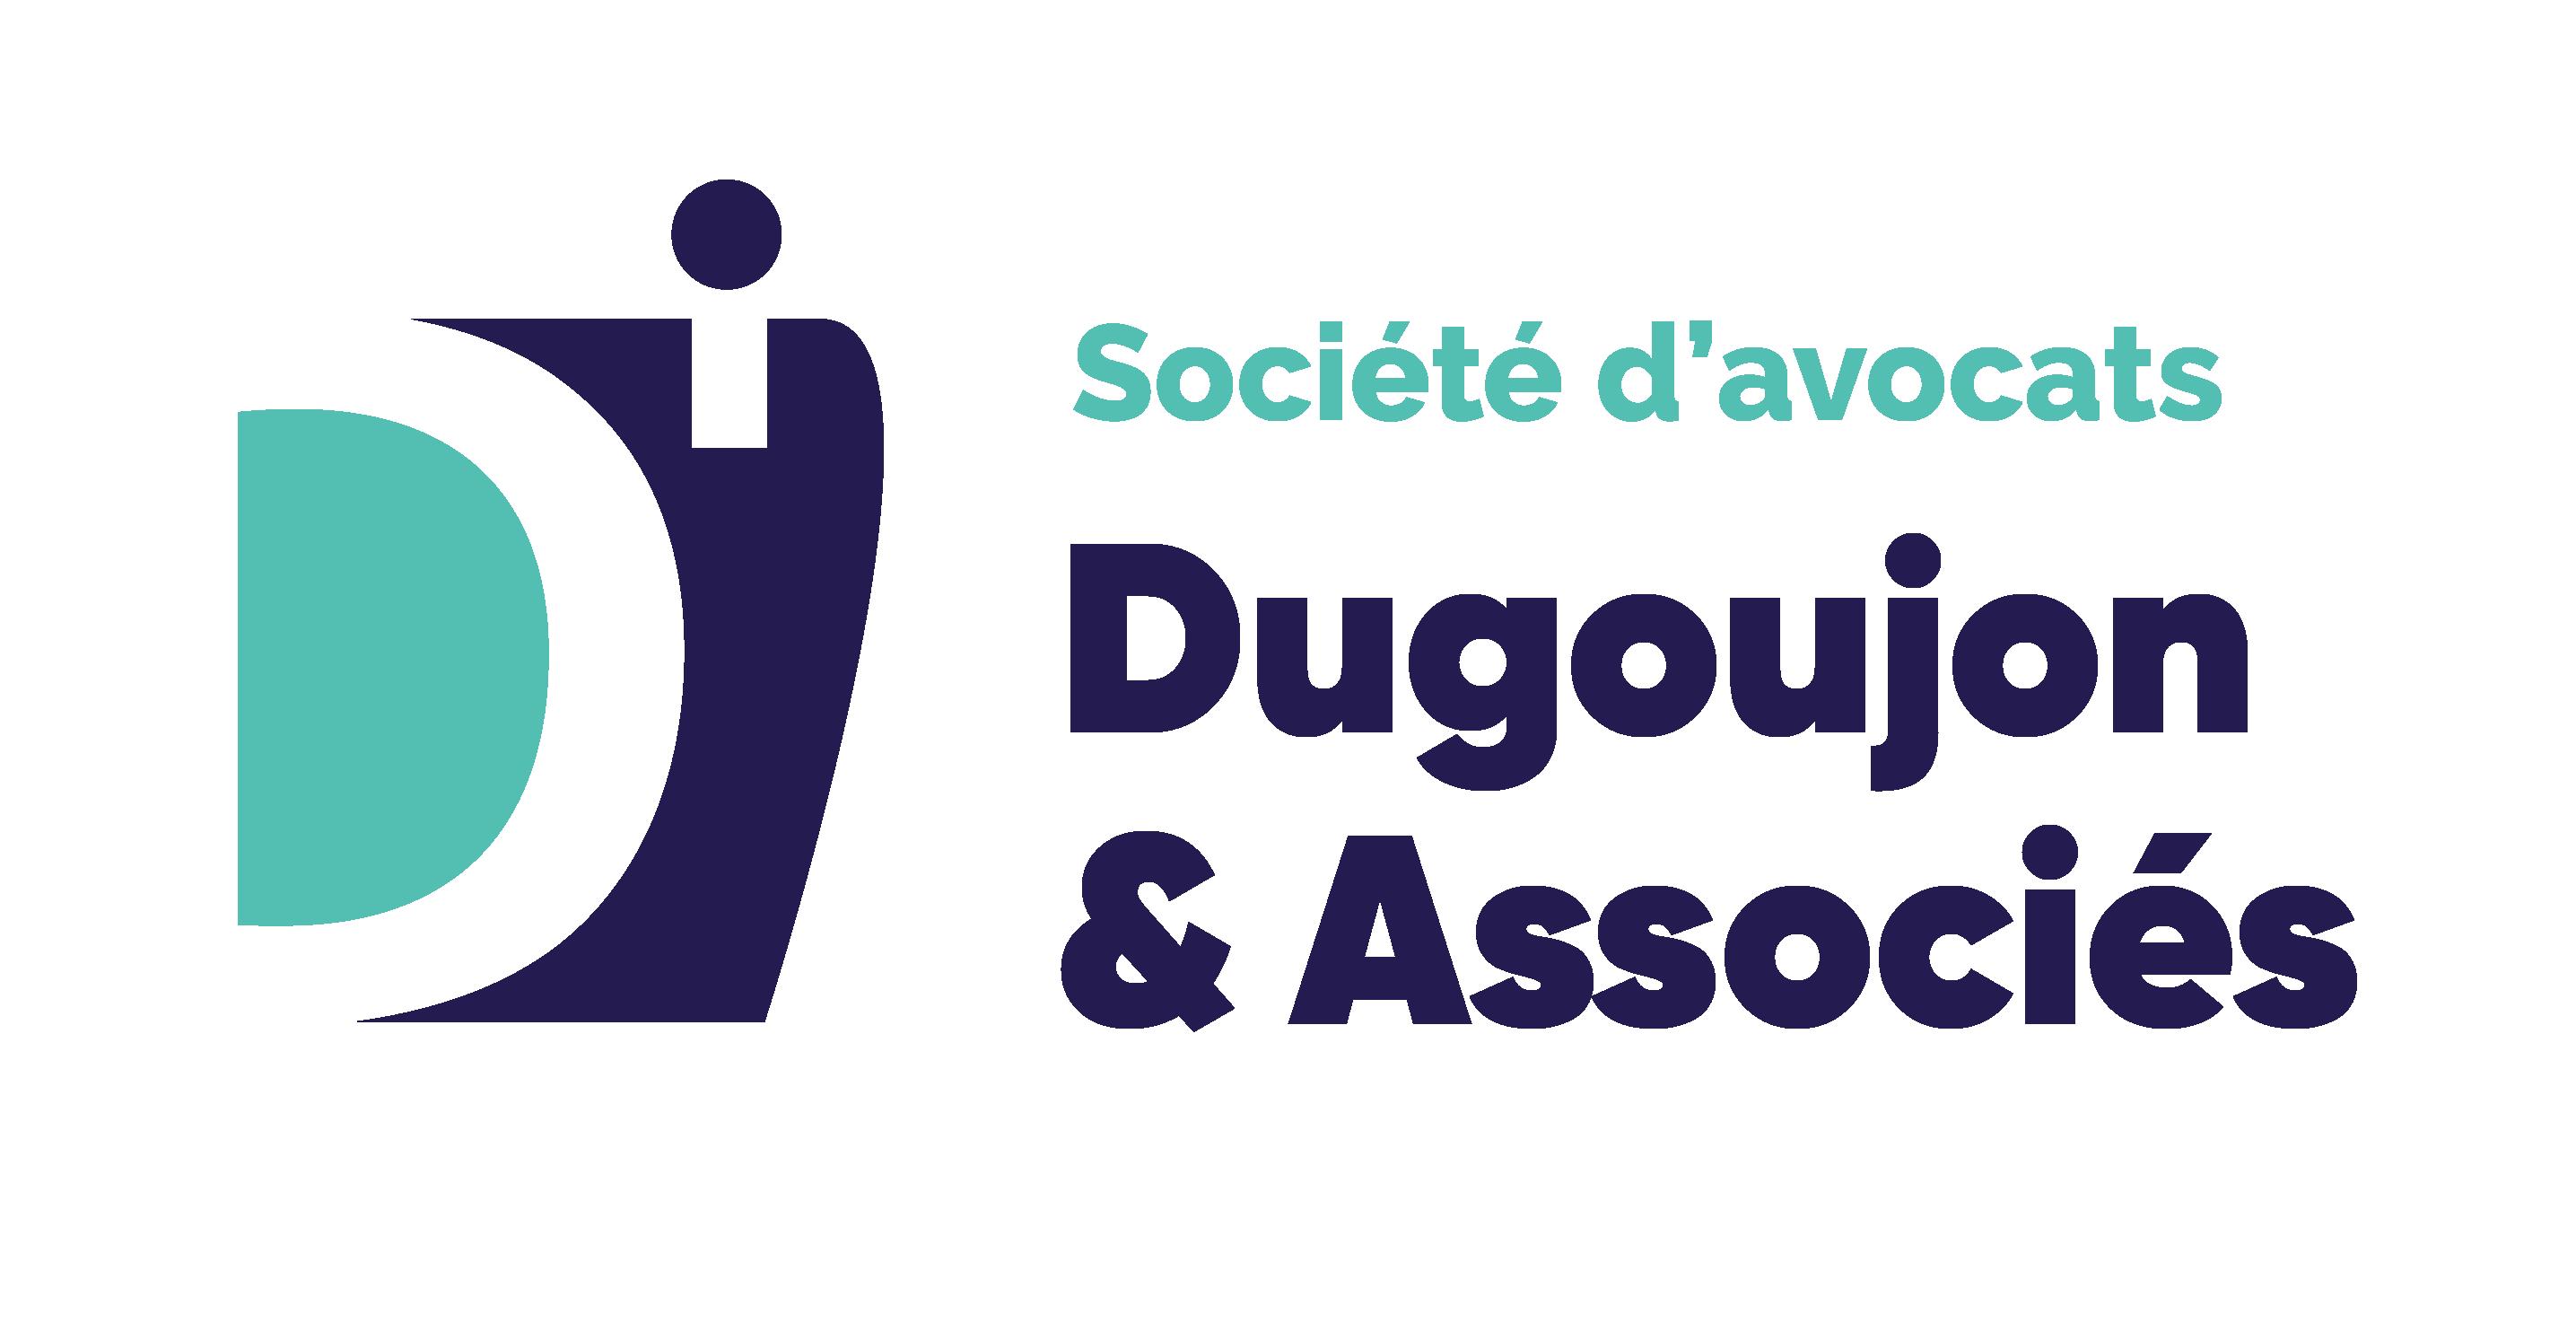 Cabinet d'Avocats Dugoujon : droit public et pénal (La Réunion et Mayotte, Outre-Mer)